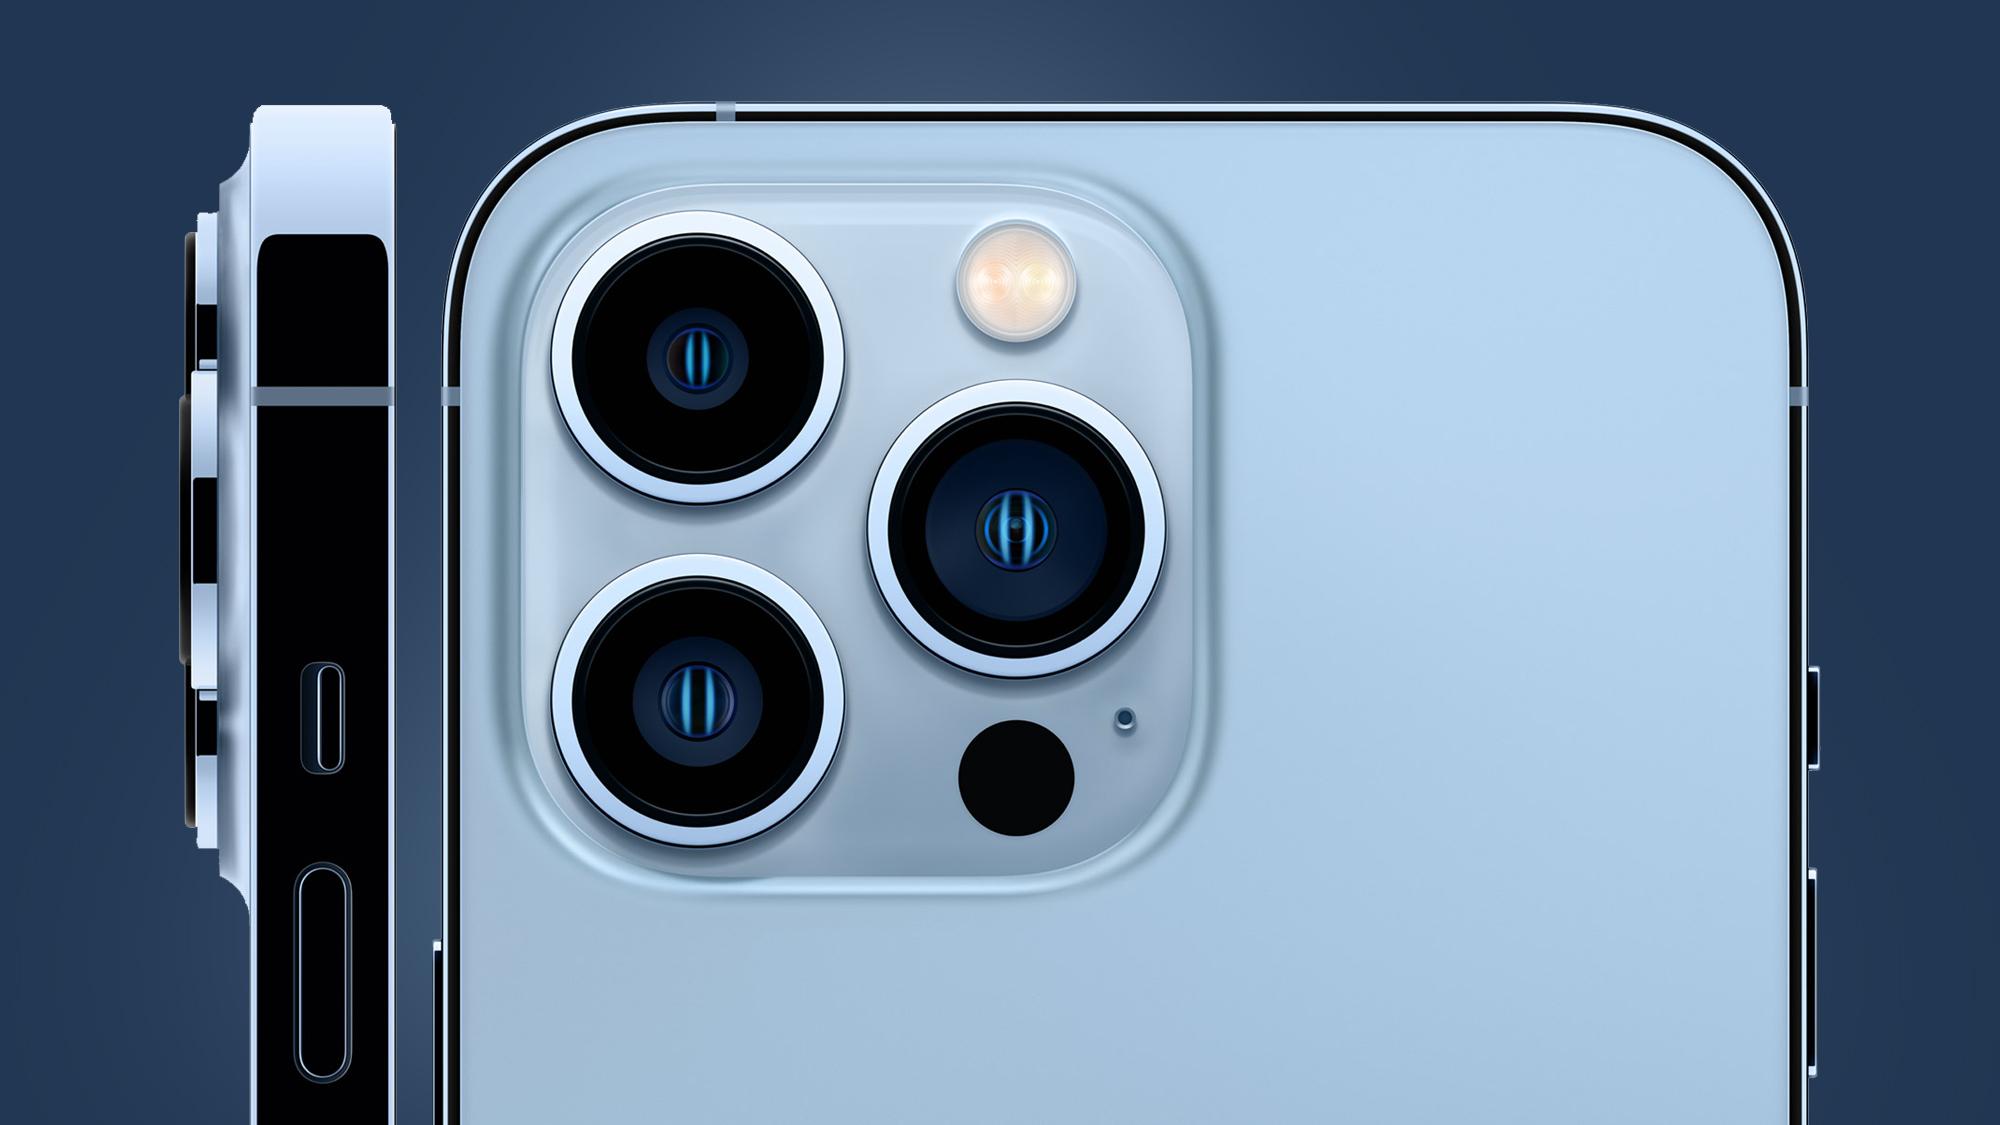 El módulo de la cámara del iPhone 13 Pro sobre un fondo azul